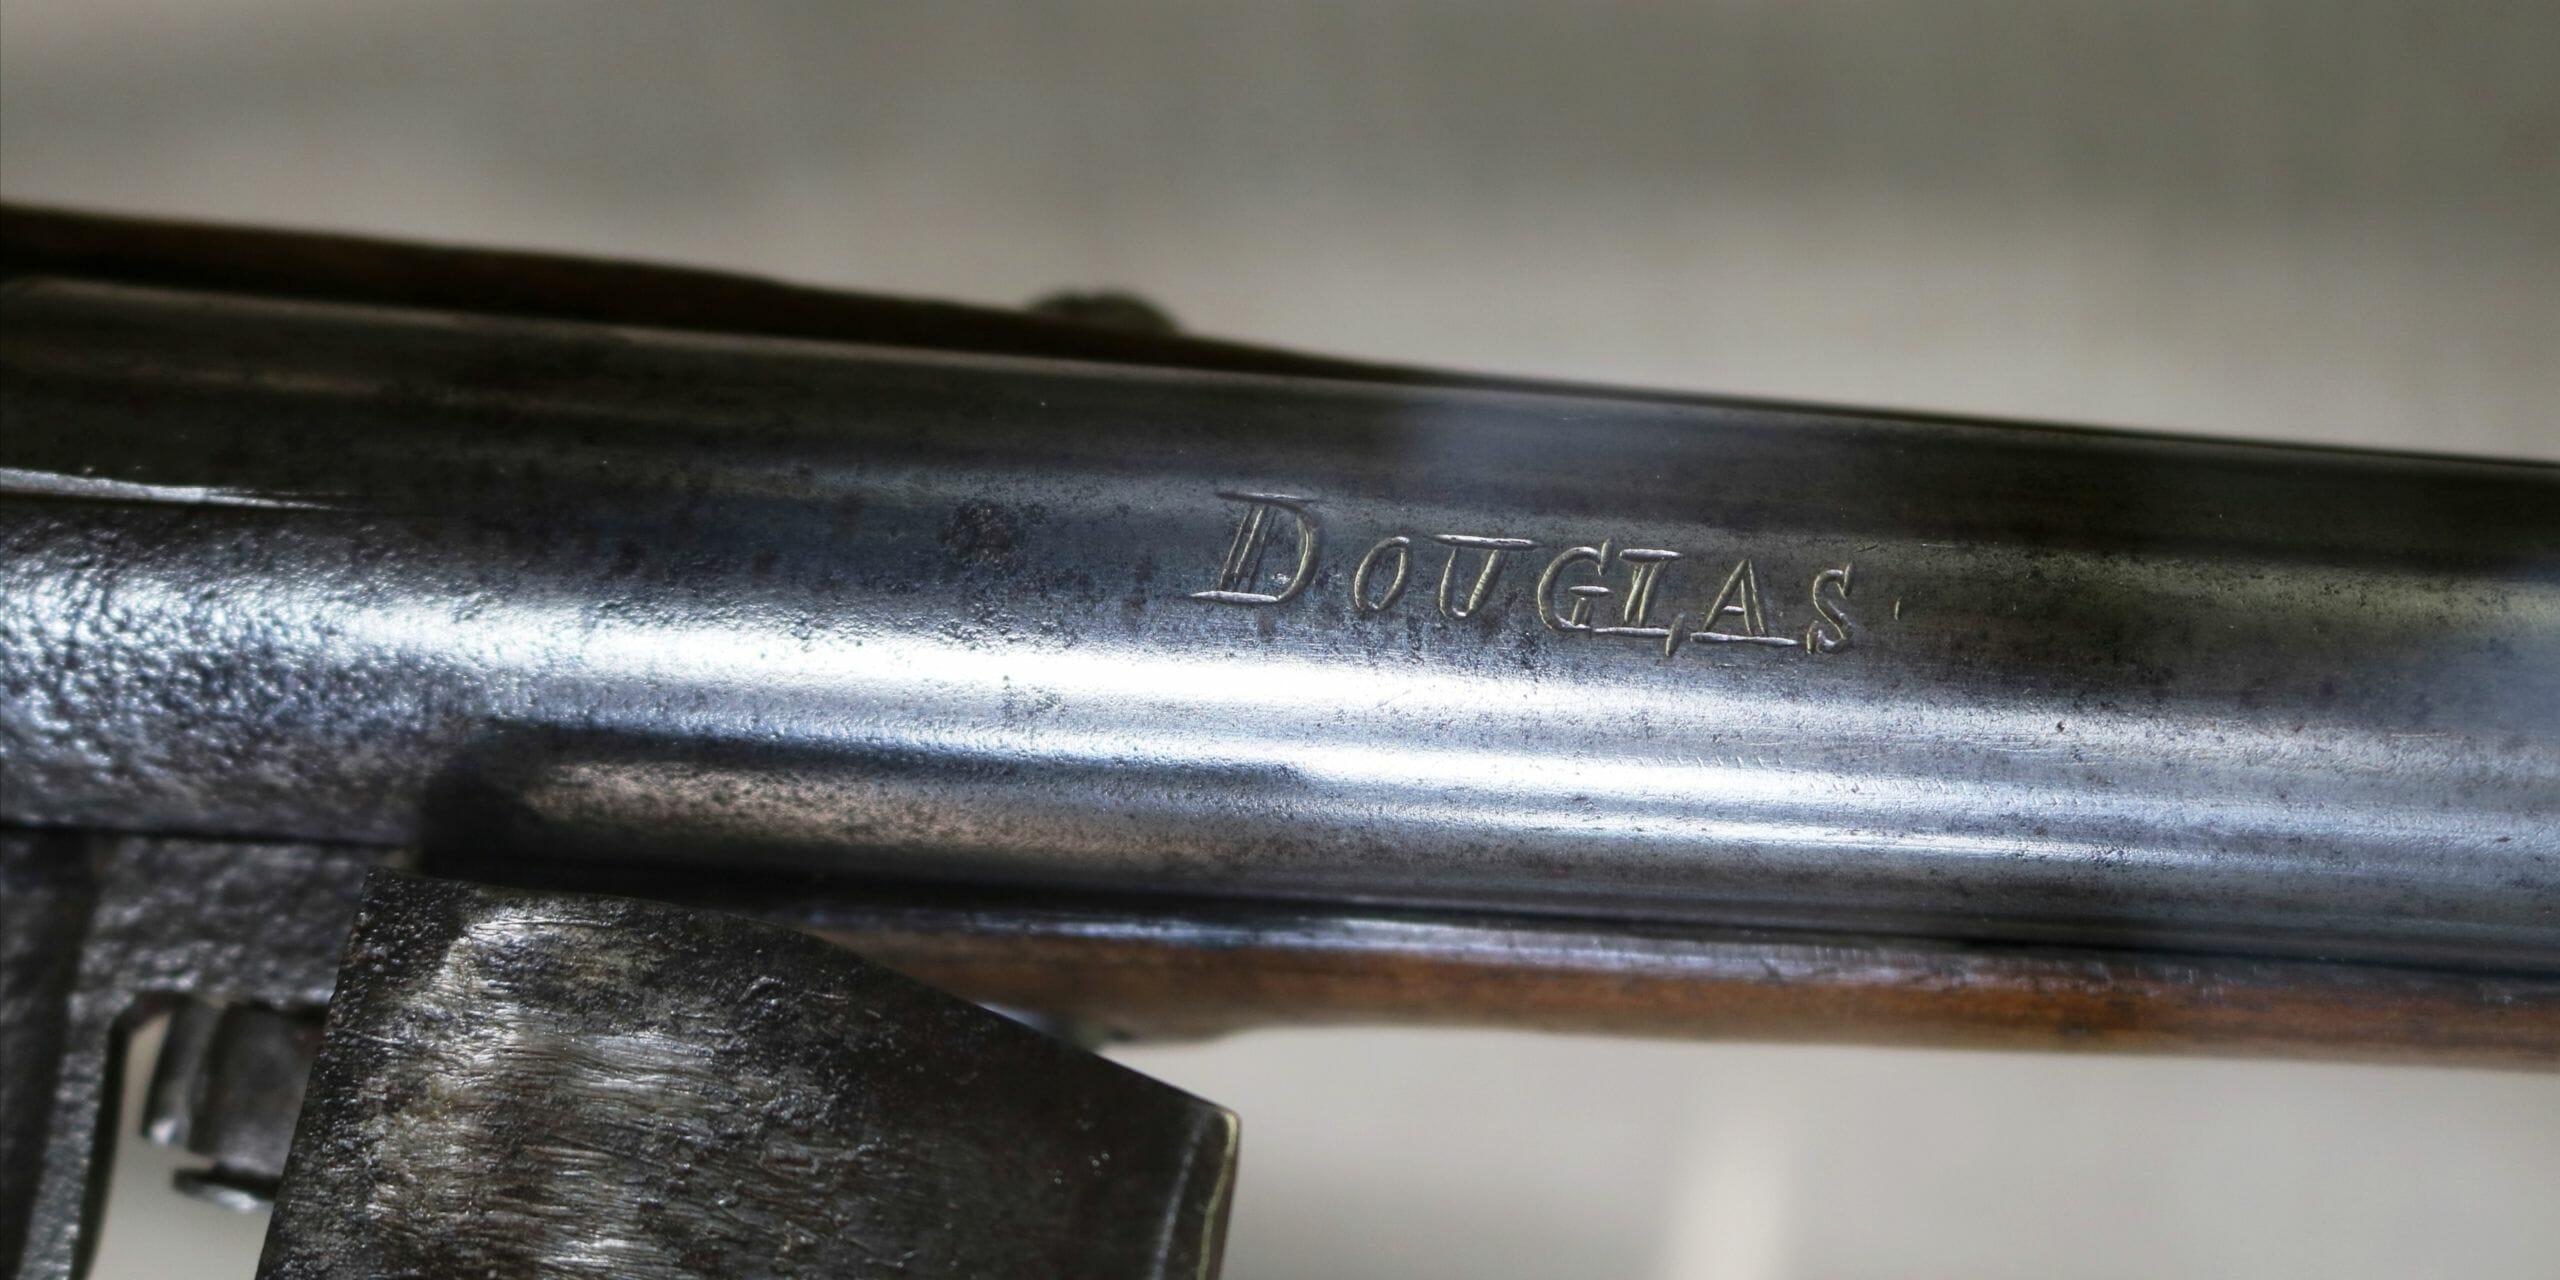 douglas barrel